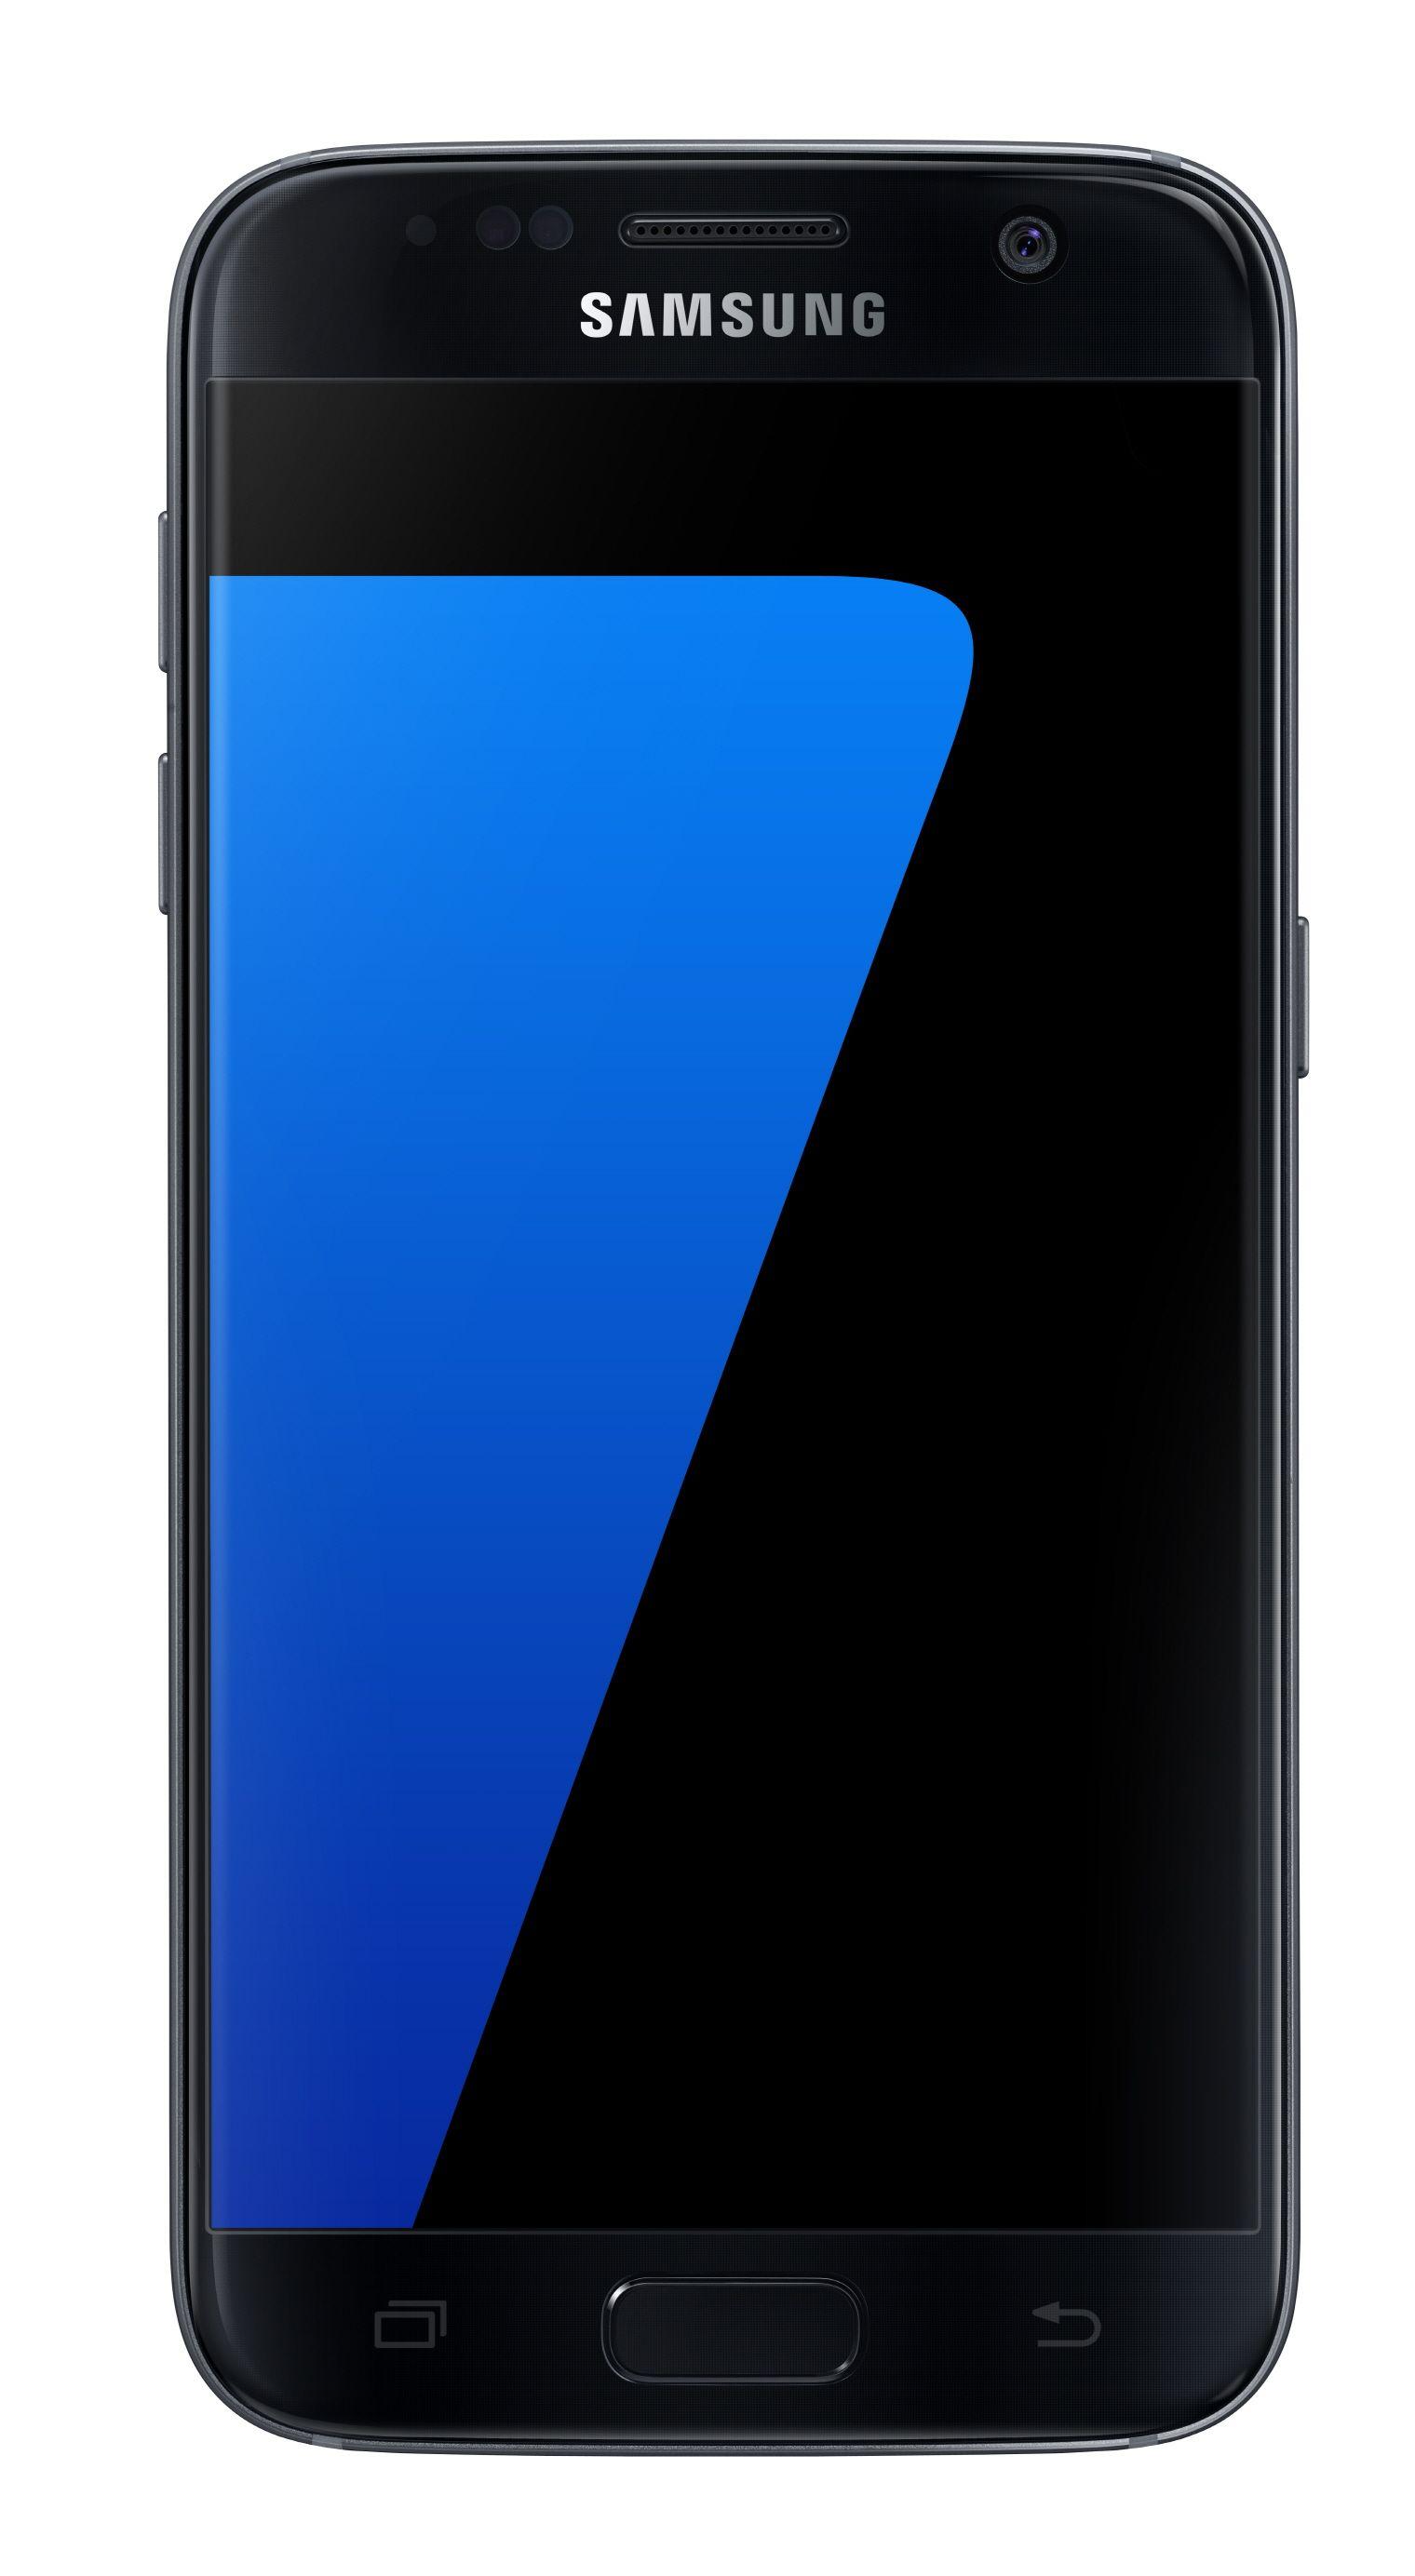 Potvrđena je i glasina da će Samsung Galaxy S7 i Samsung Galaxy S7 Edge u Sjevernoj Americi i Europi u prodajnom pakiranju sadržavati i spomenuti Gear VR